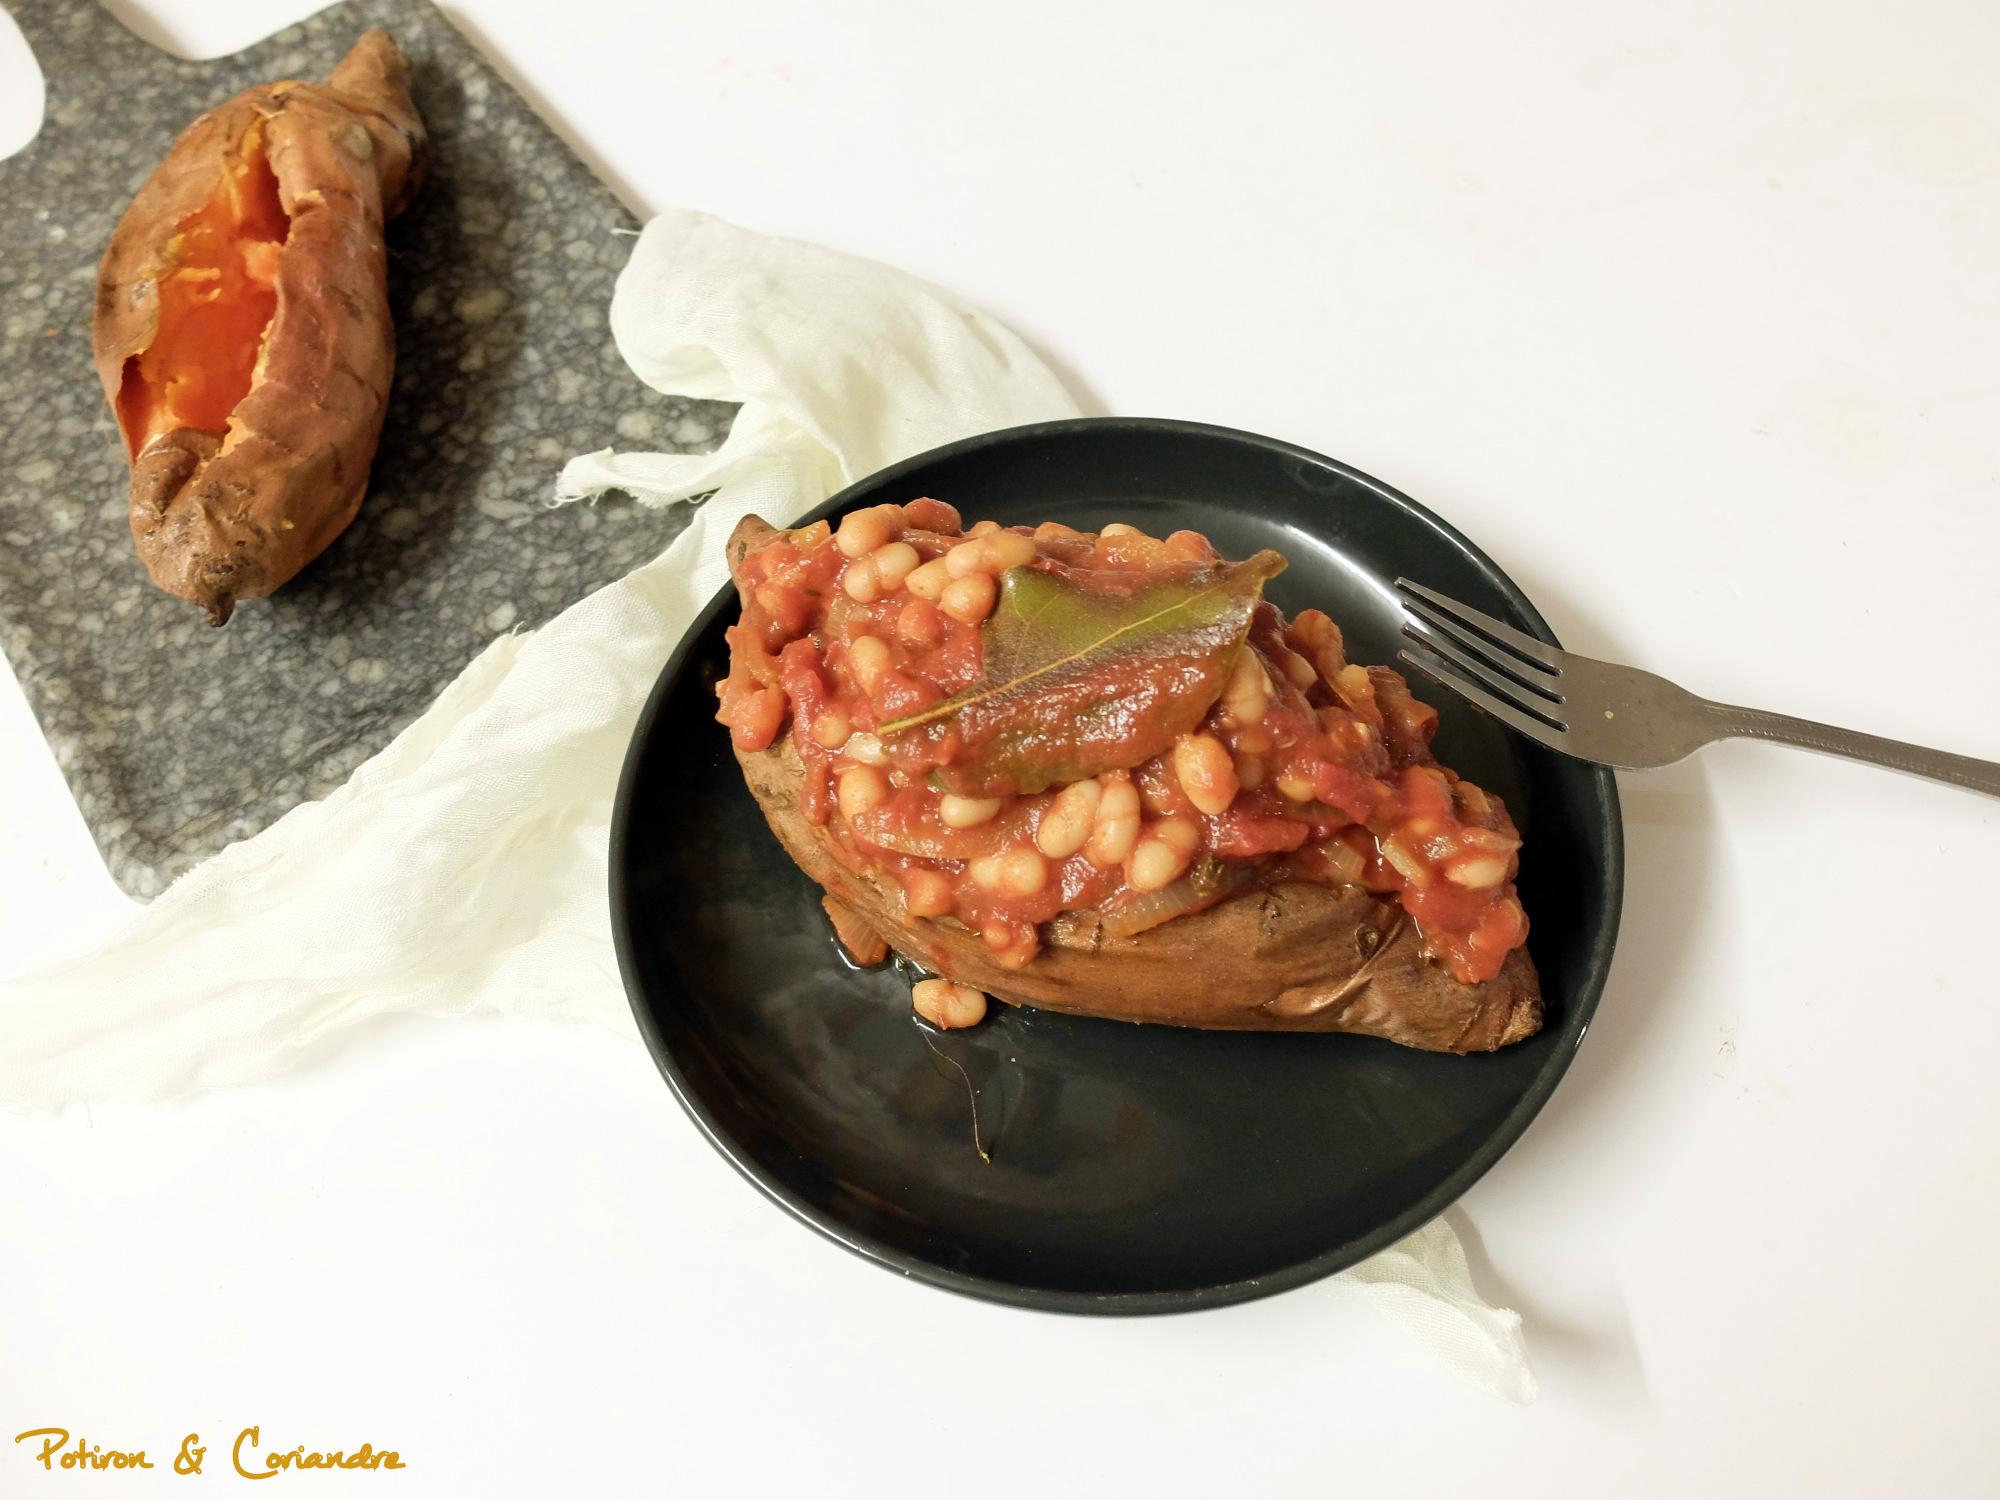 Patates douces farcies aux haricots coco [vegan]